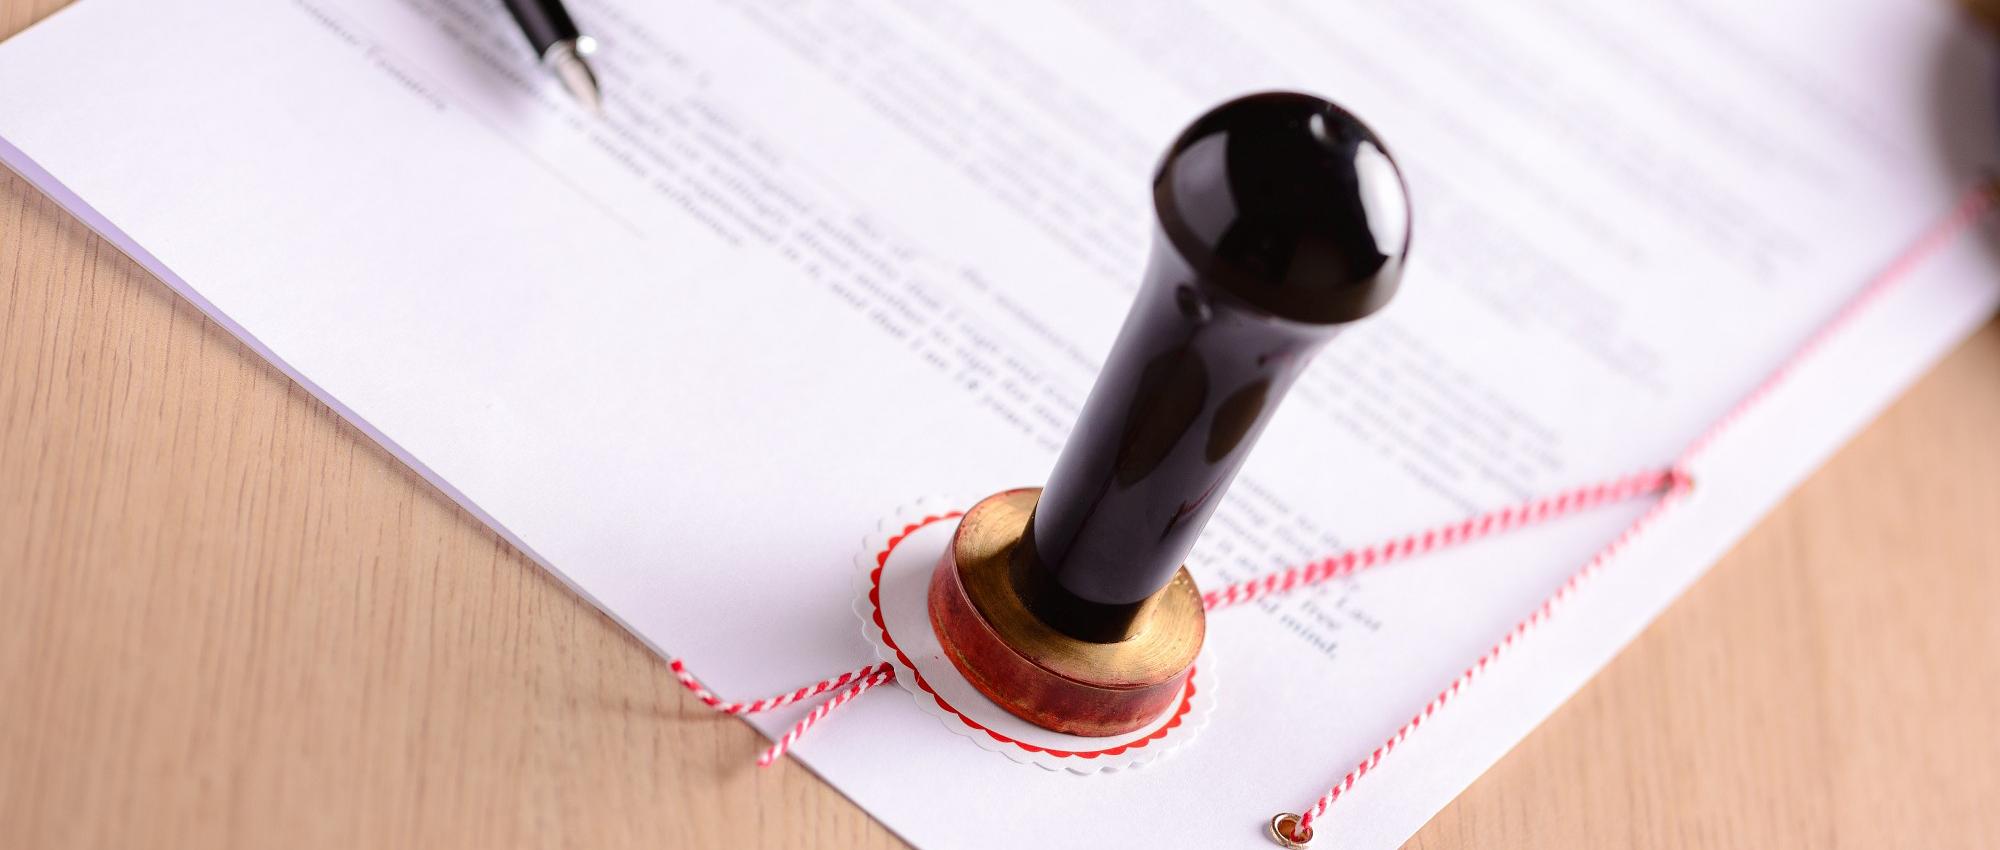 Нужно ли заверение документа